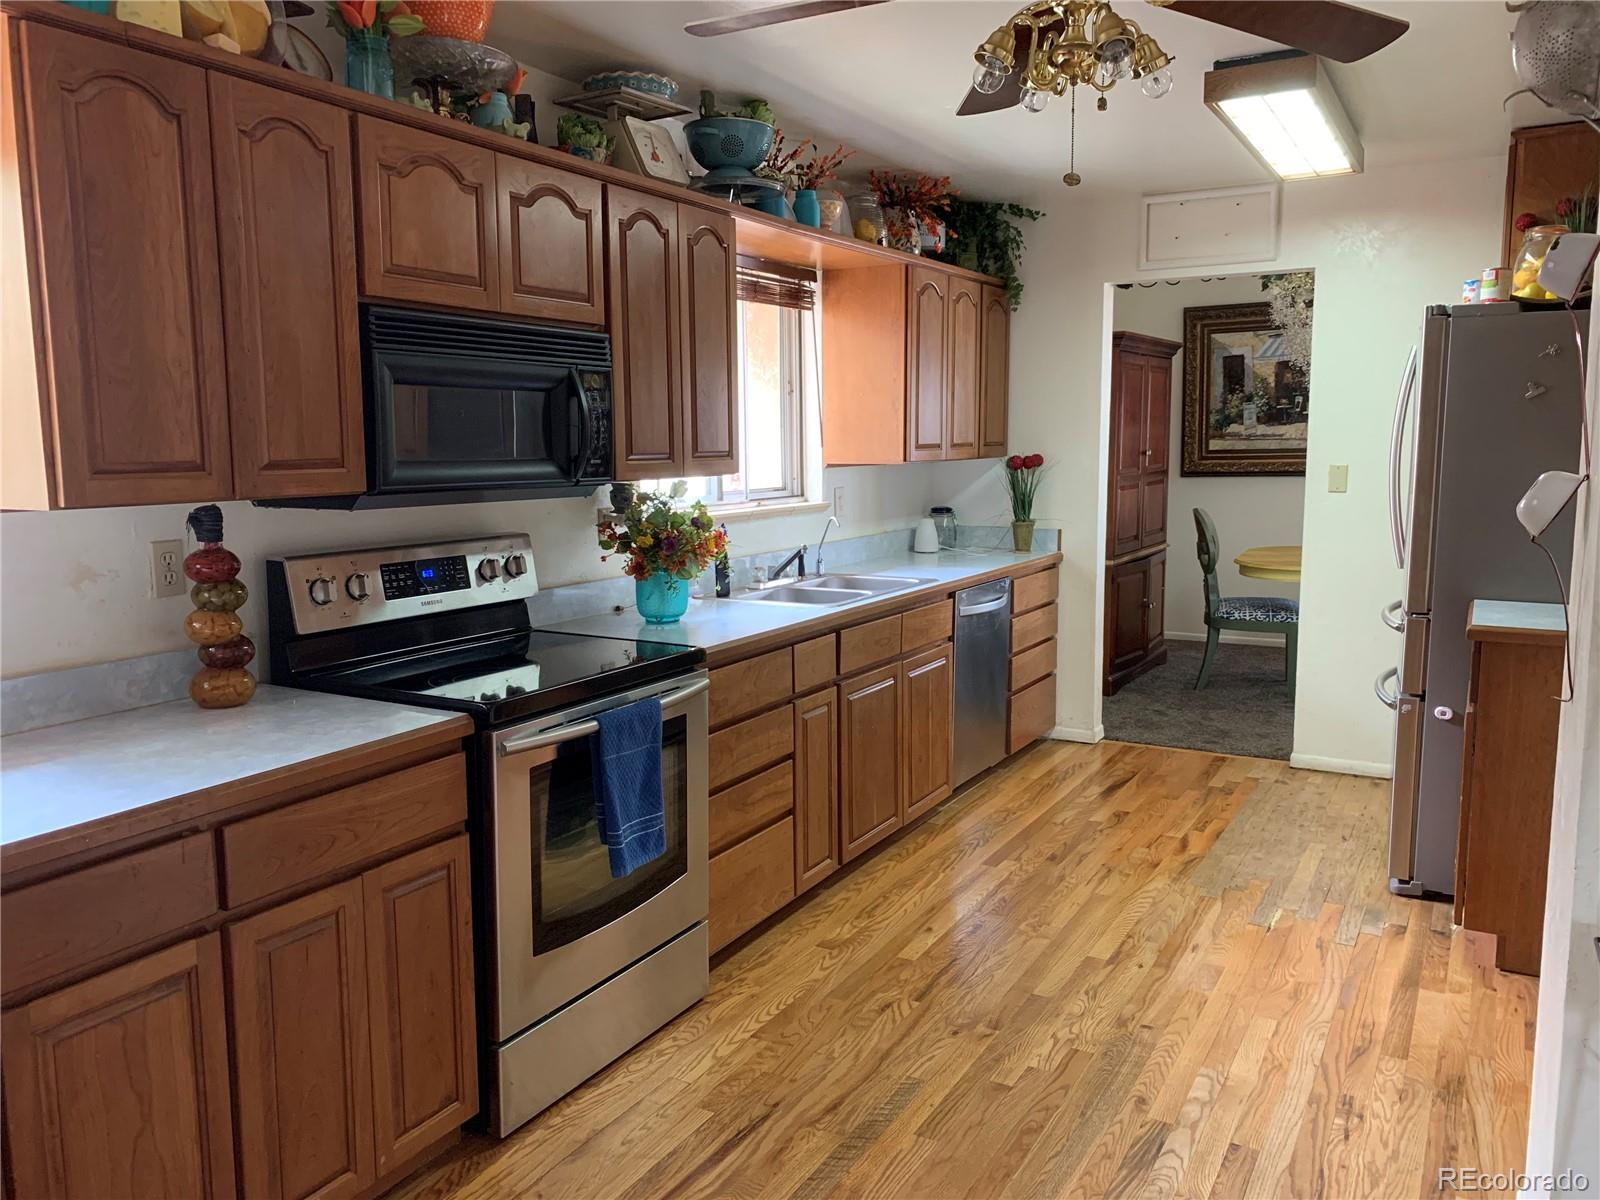 MLS# 3794284 - 3 - 677 Fay Drive, Colorado Springs, CO 80911